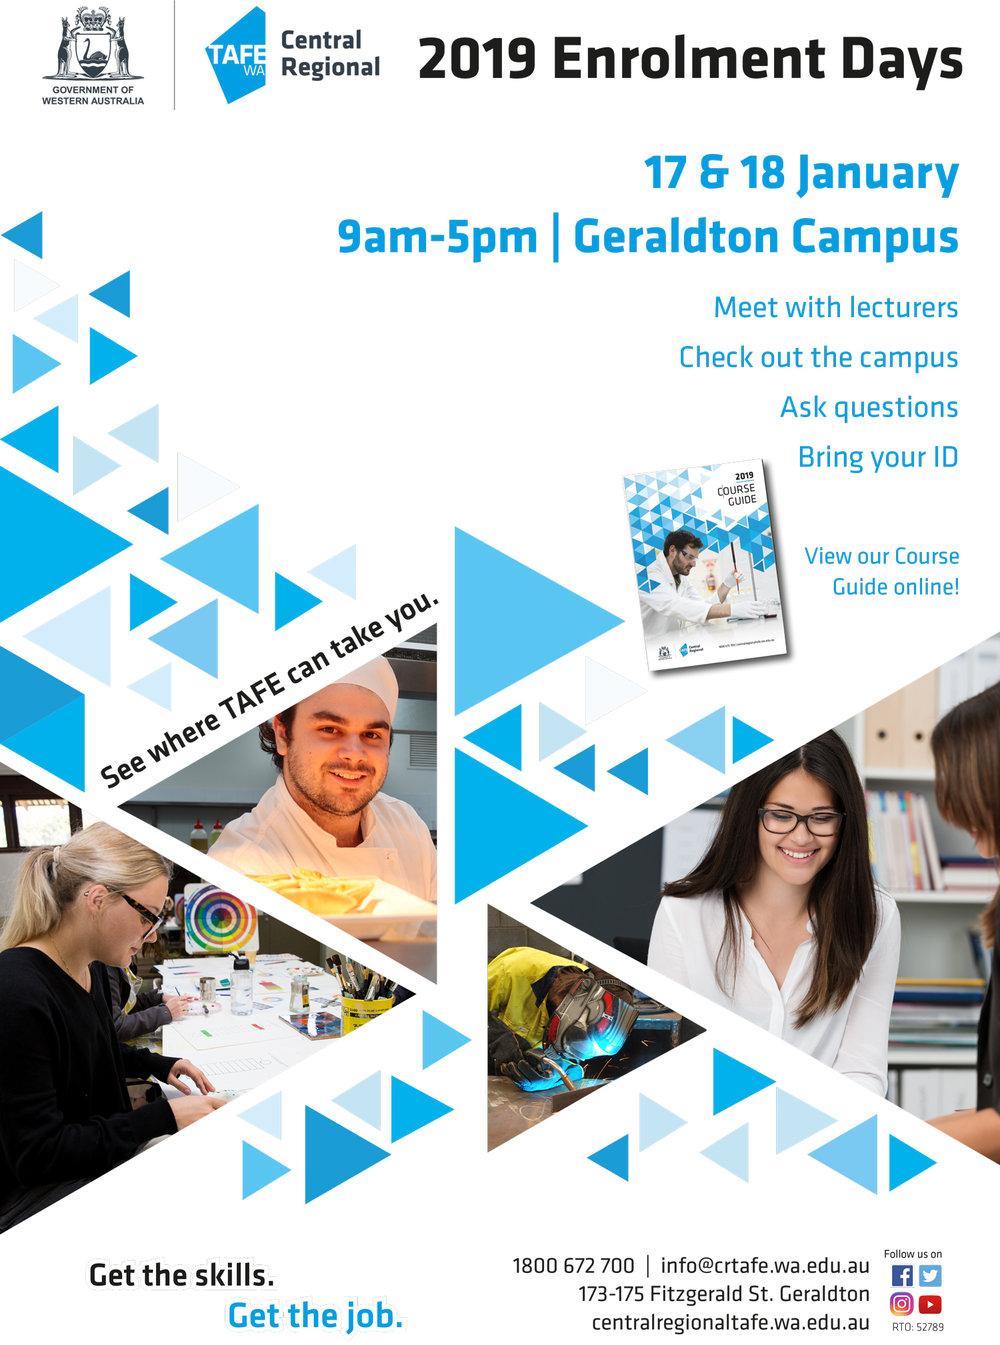 Geraldton-Enrolment-Days_Poster-2019.jpg